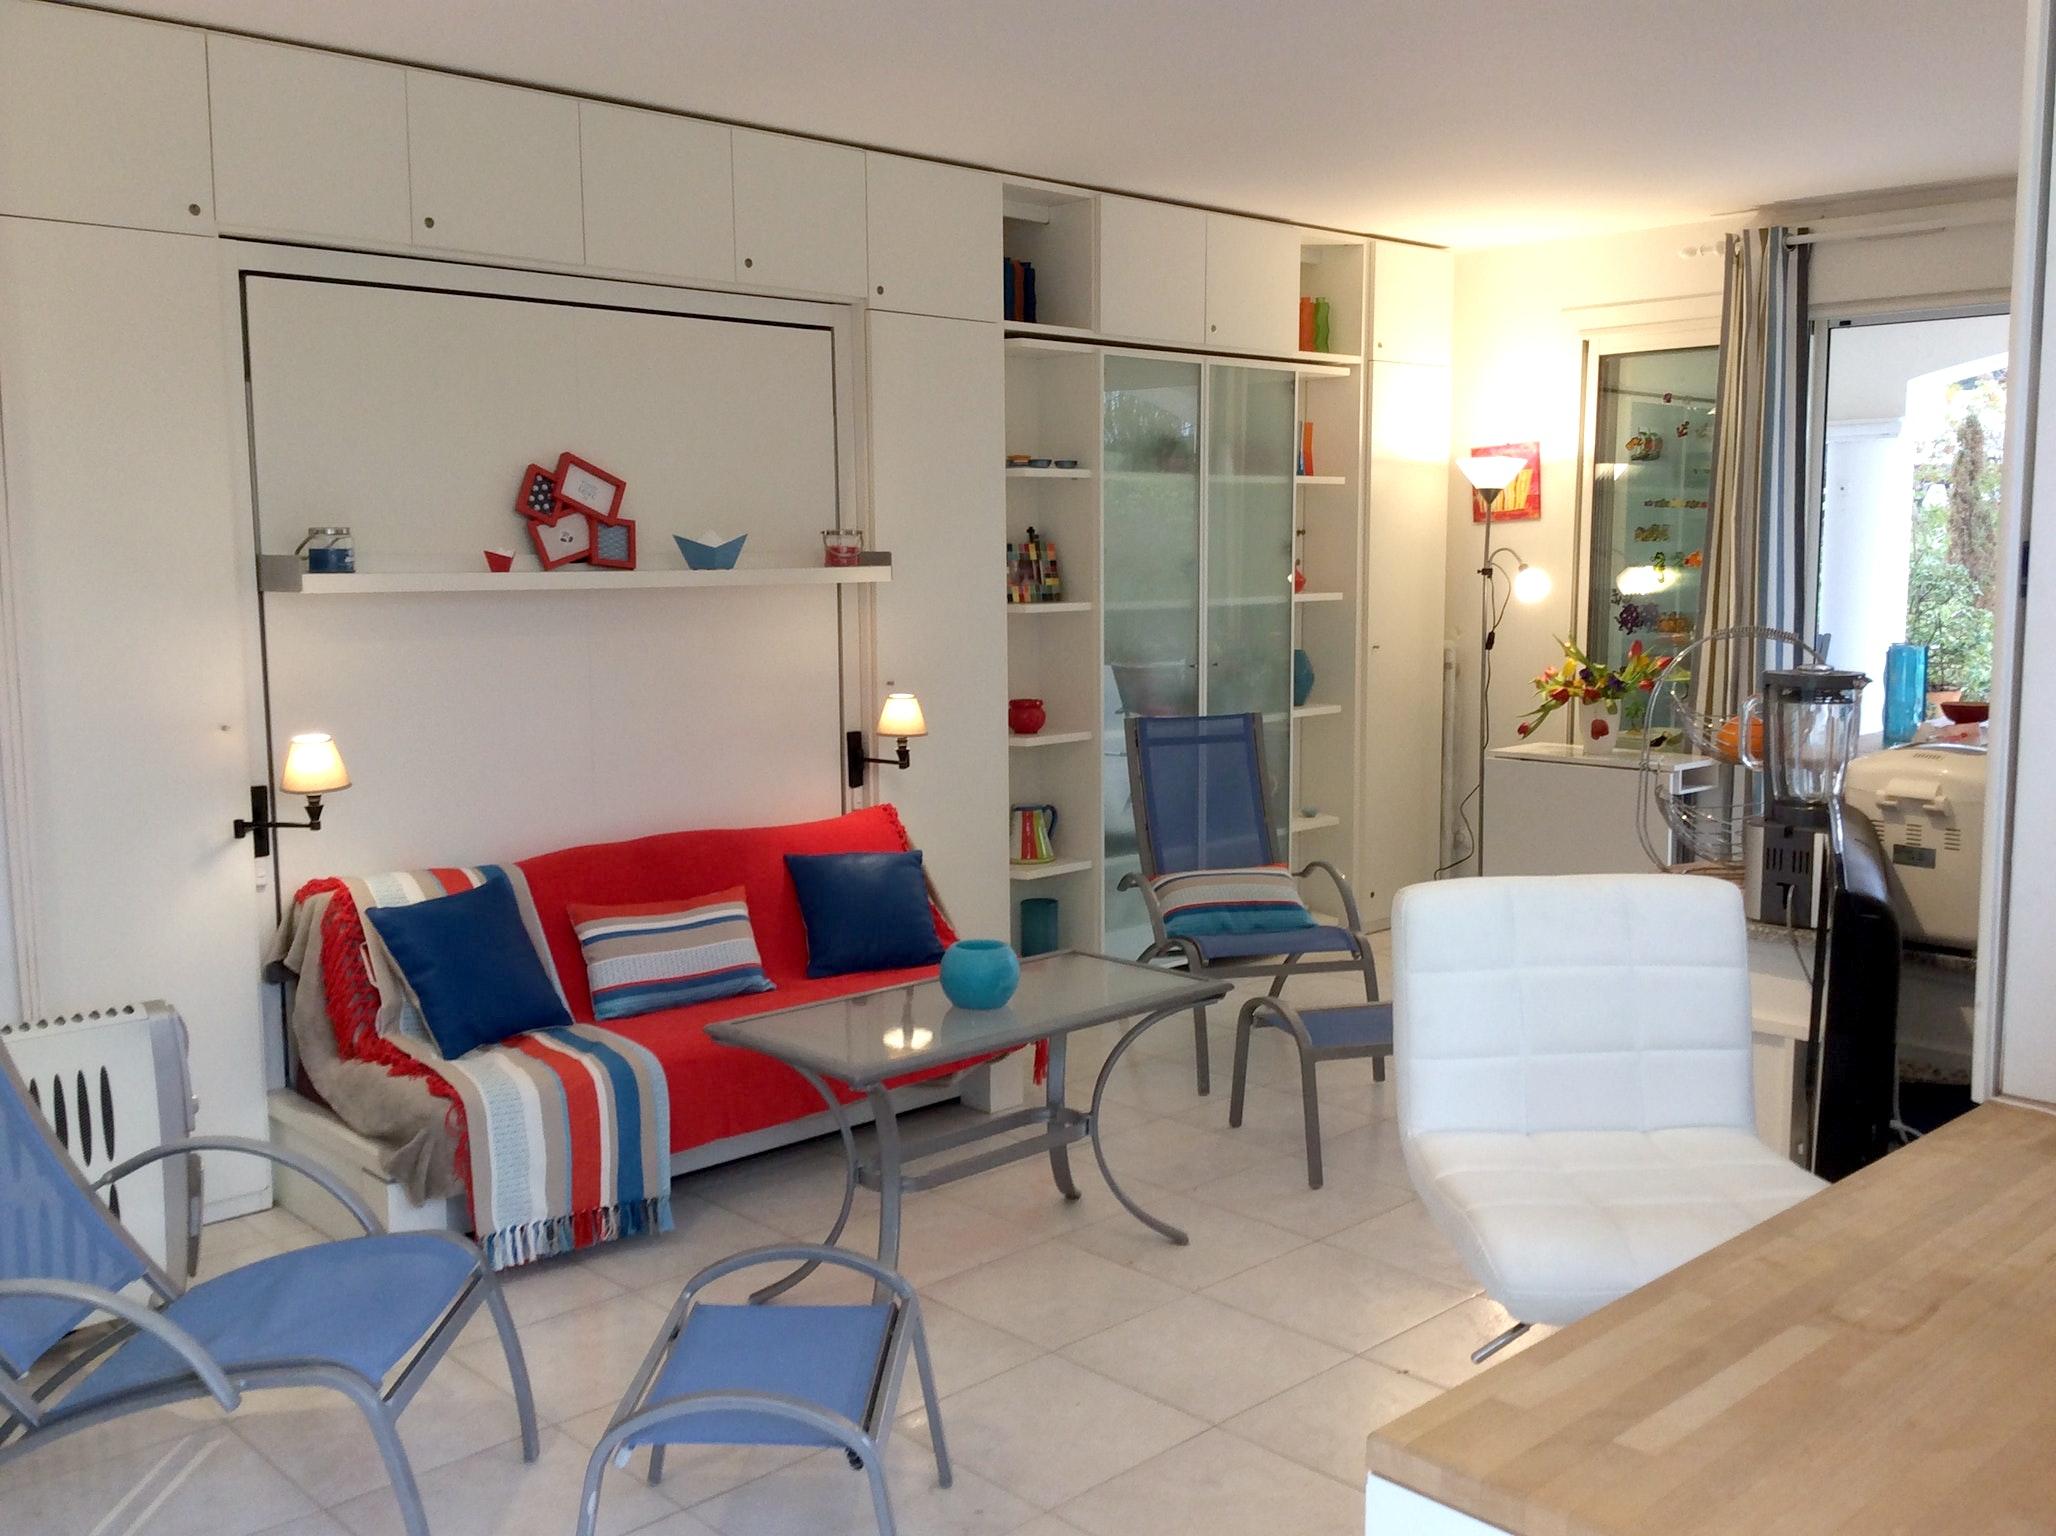 Appartement de vacances Wohnung mit einem Schlafzimmer in Carqueiranne mit Pool, eingezäuntem Garten und W-LAN - 7 (2231381), Carqueiranne, Côte d'Azur, Provence - Alpes - Côte d'Azur, France, image 8